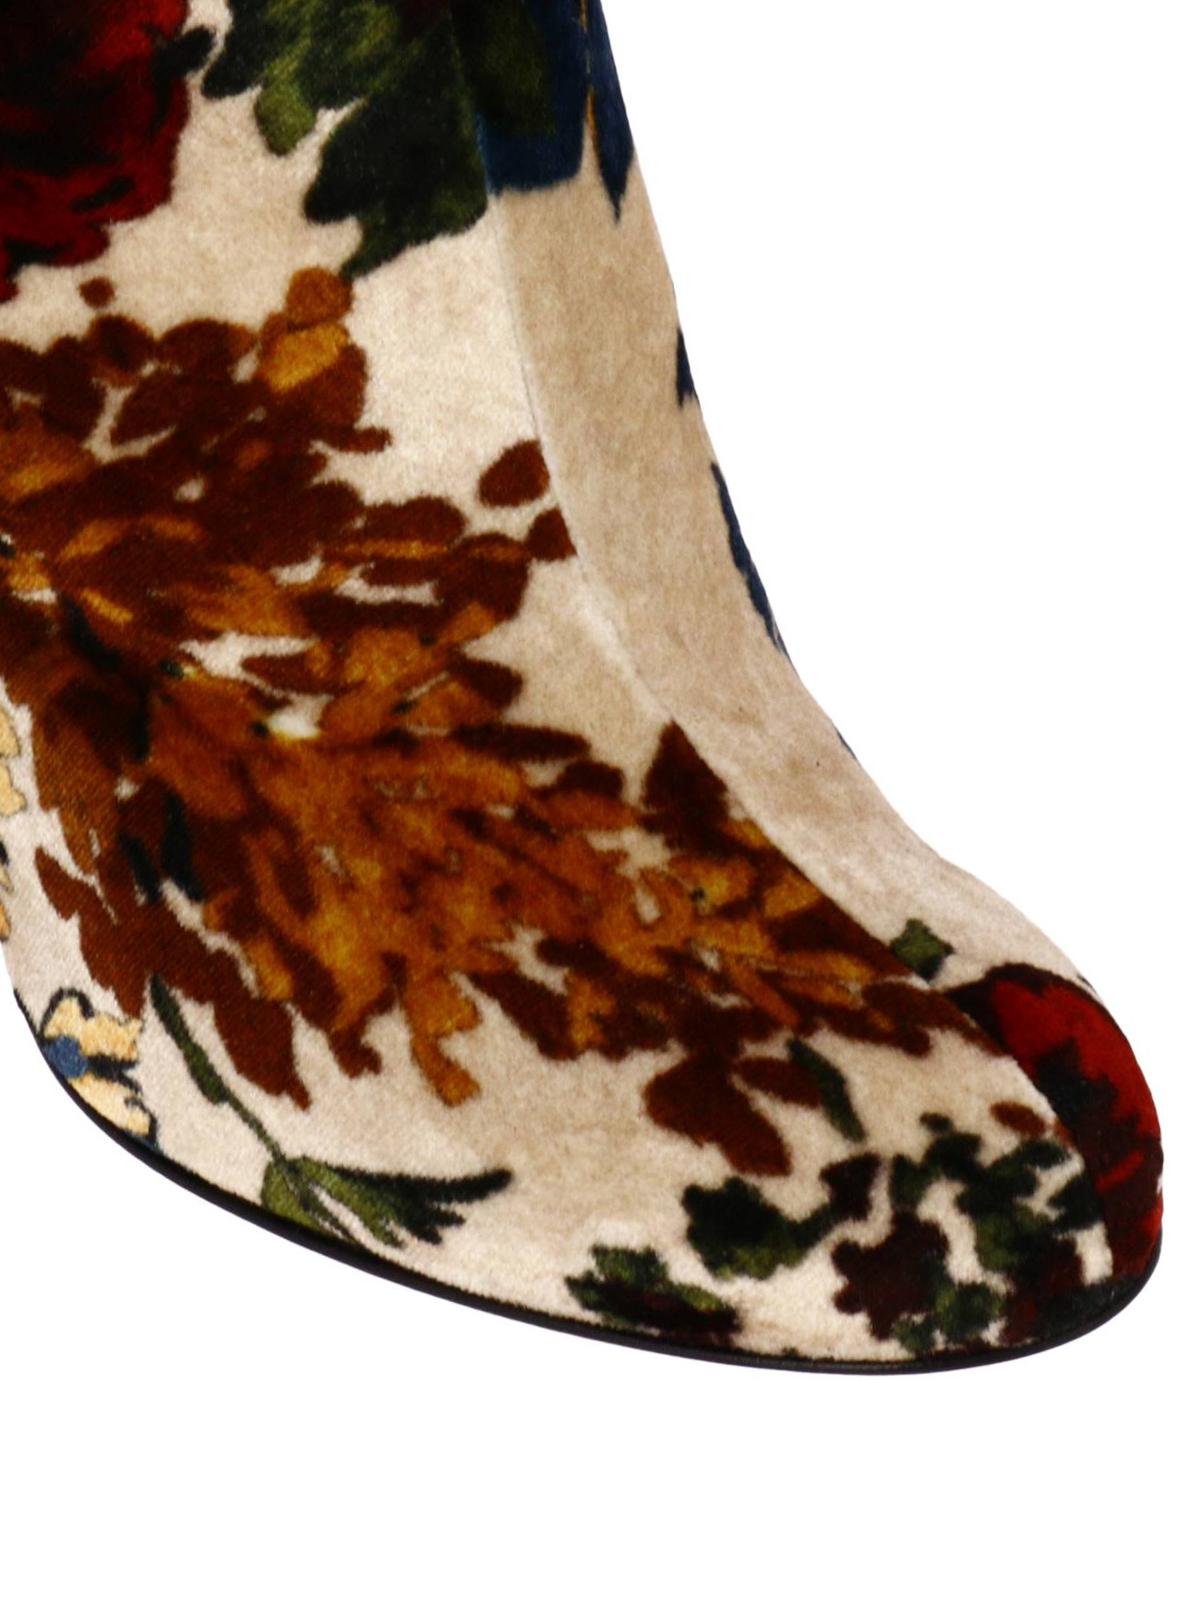 separation shoes 74de8 6a990 Christian Louboutin - Moulamax floral velvet booties - ankle ...